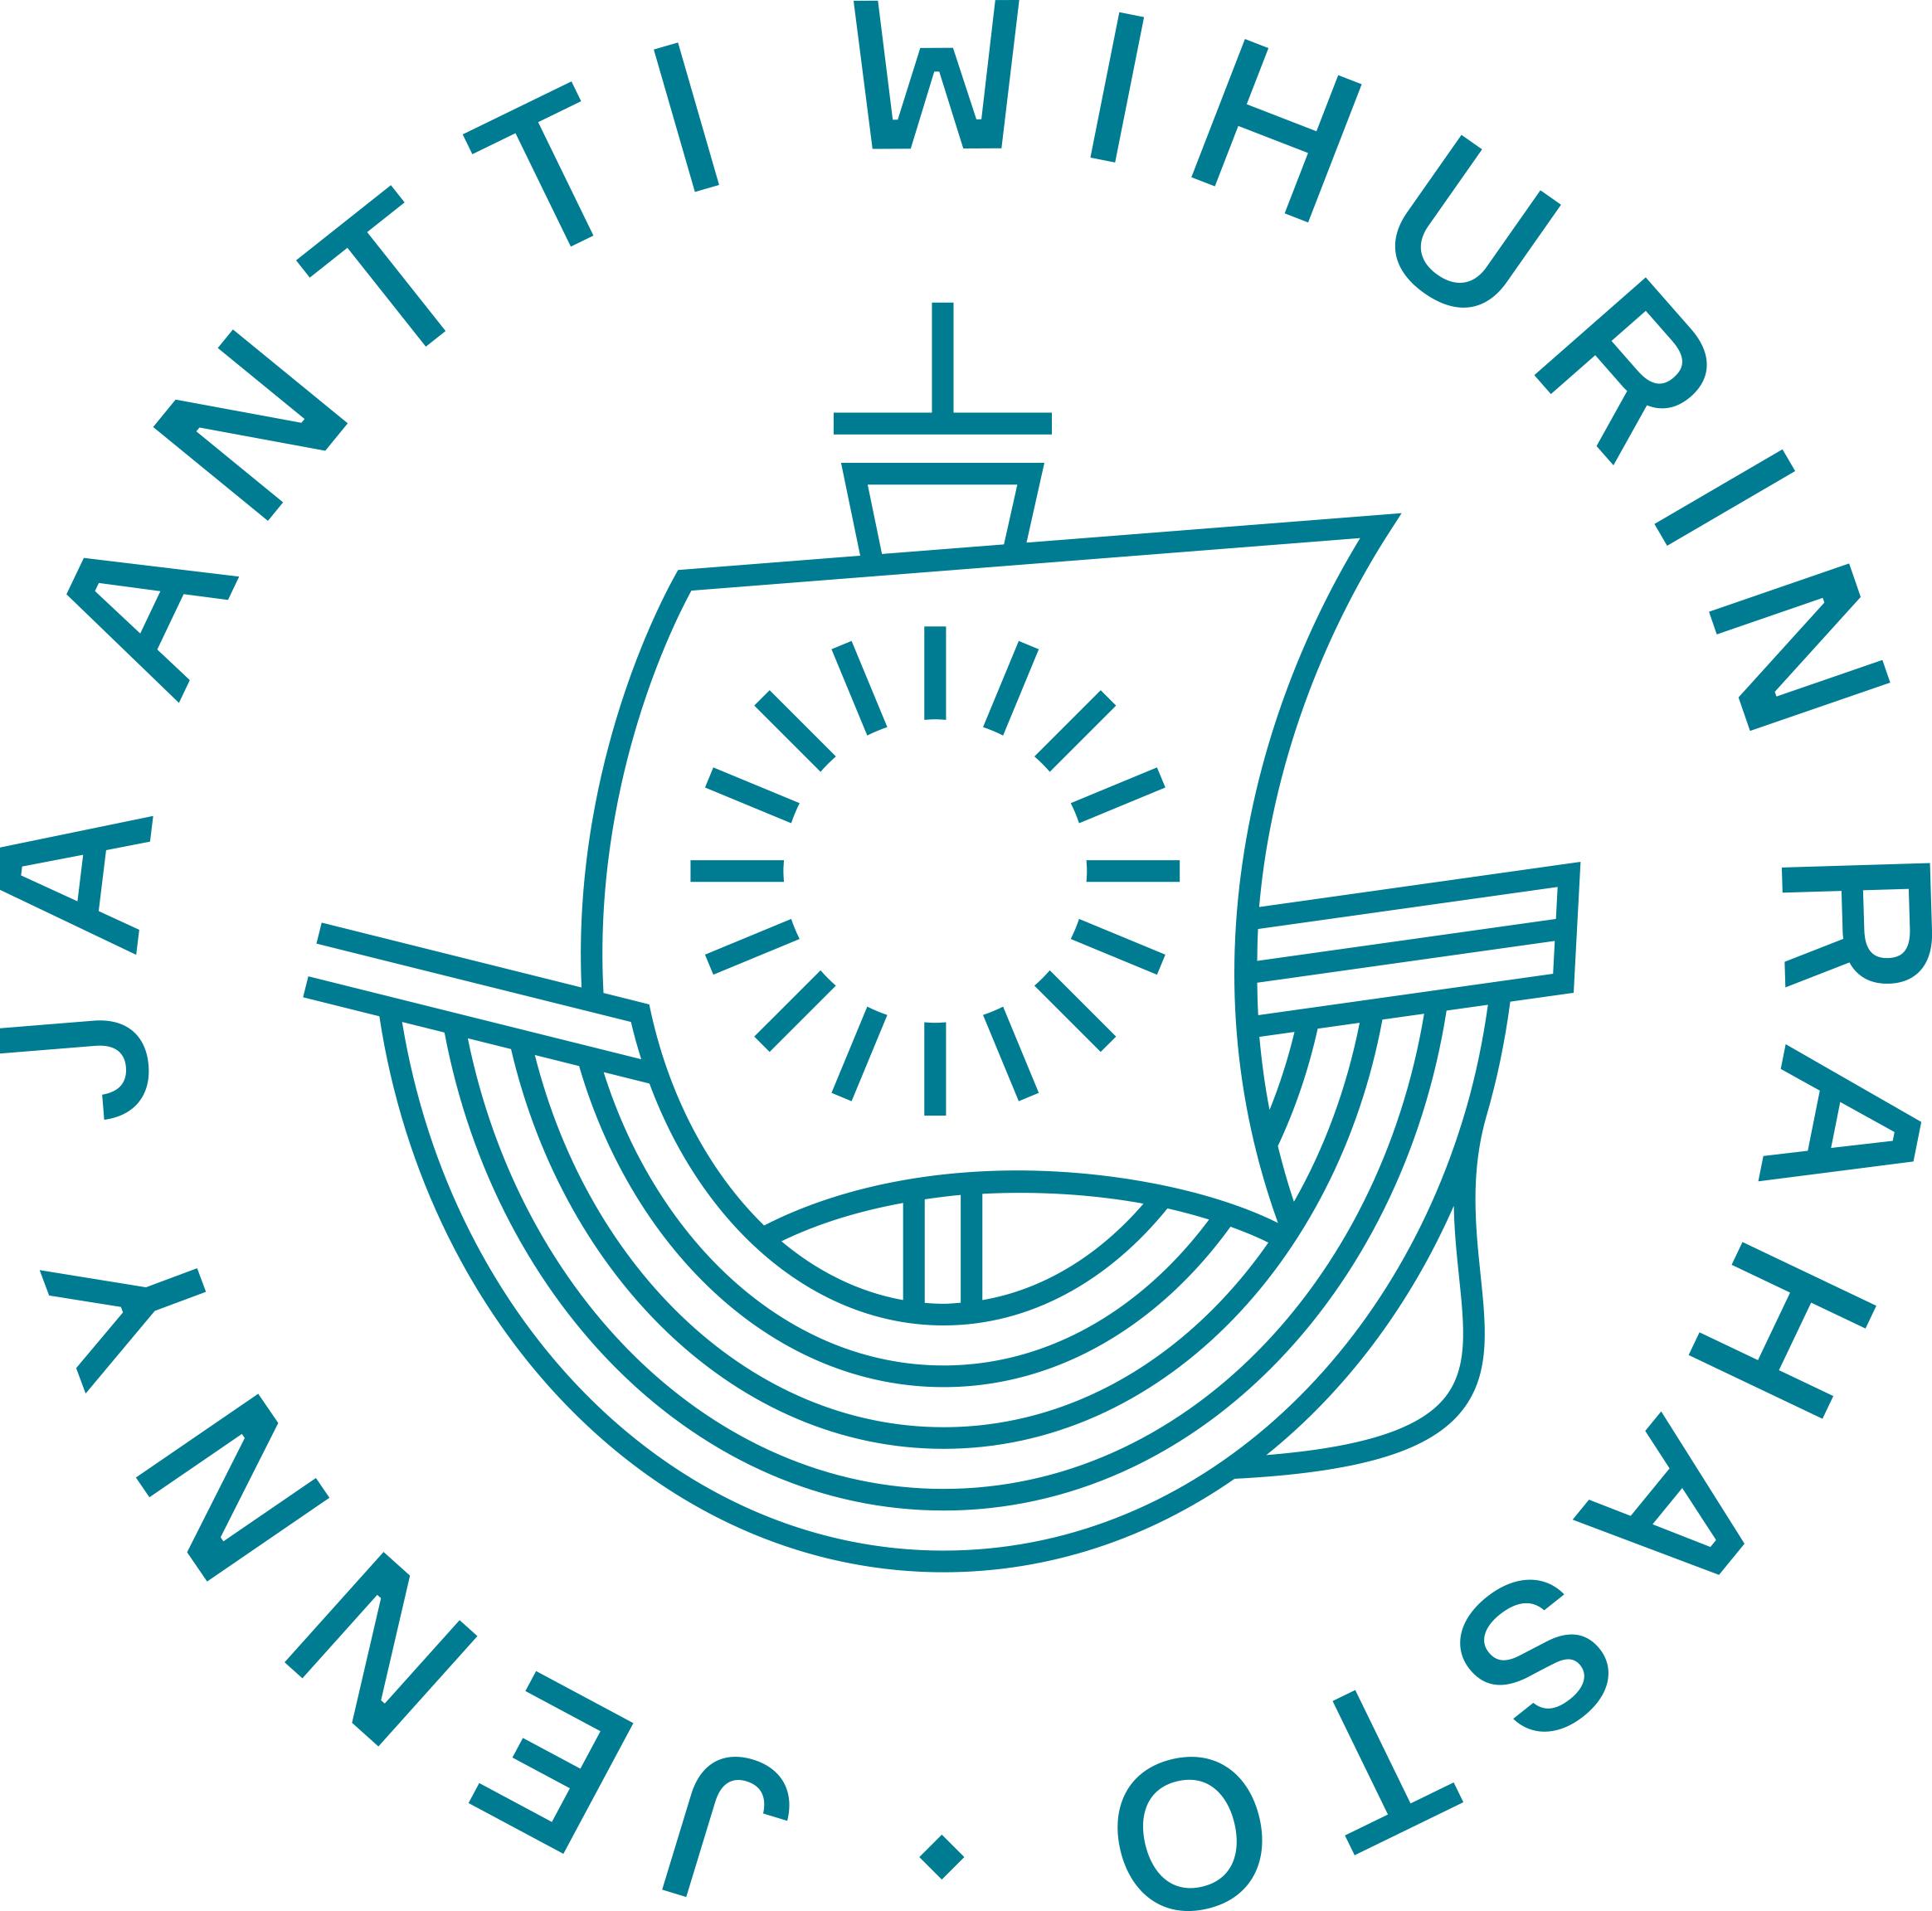 Jenni ja Antti Wihurin säätiön logo